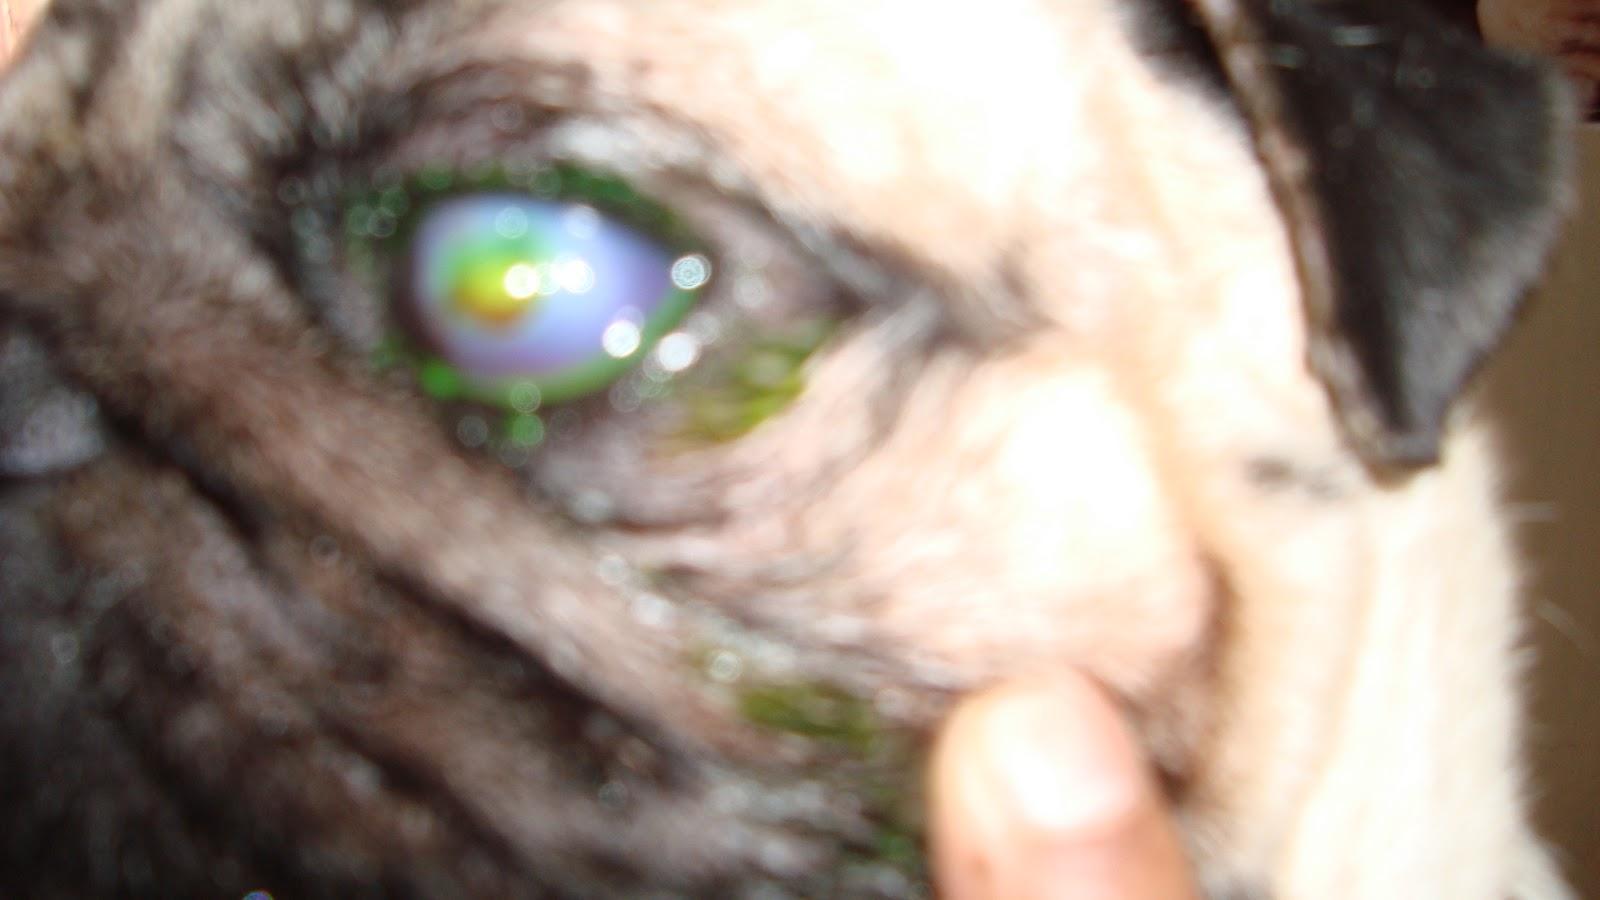 Geetasharmavet Dye Fluorescein Test For Corneal Ulcer